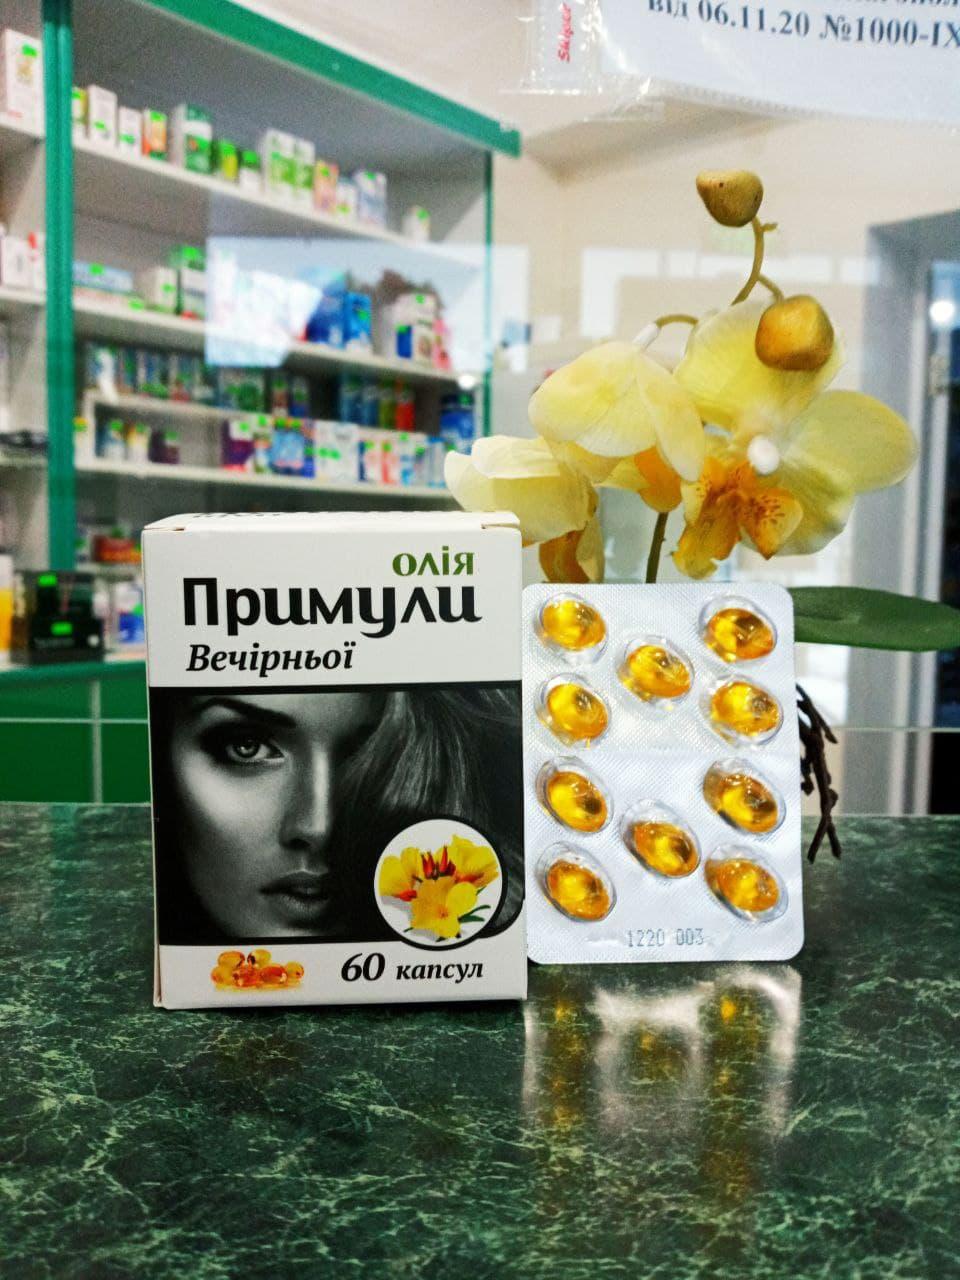 капсулы масло Энеторы (вечерней примулы) . Восстановление гормональных и репродуктивных функций женщины